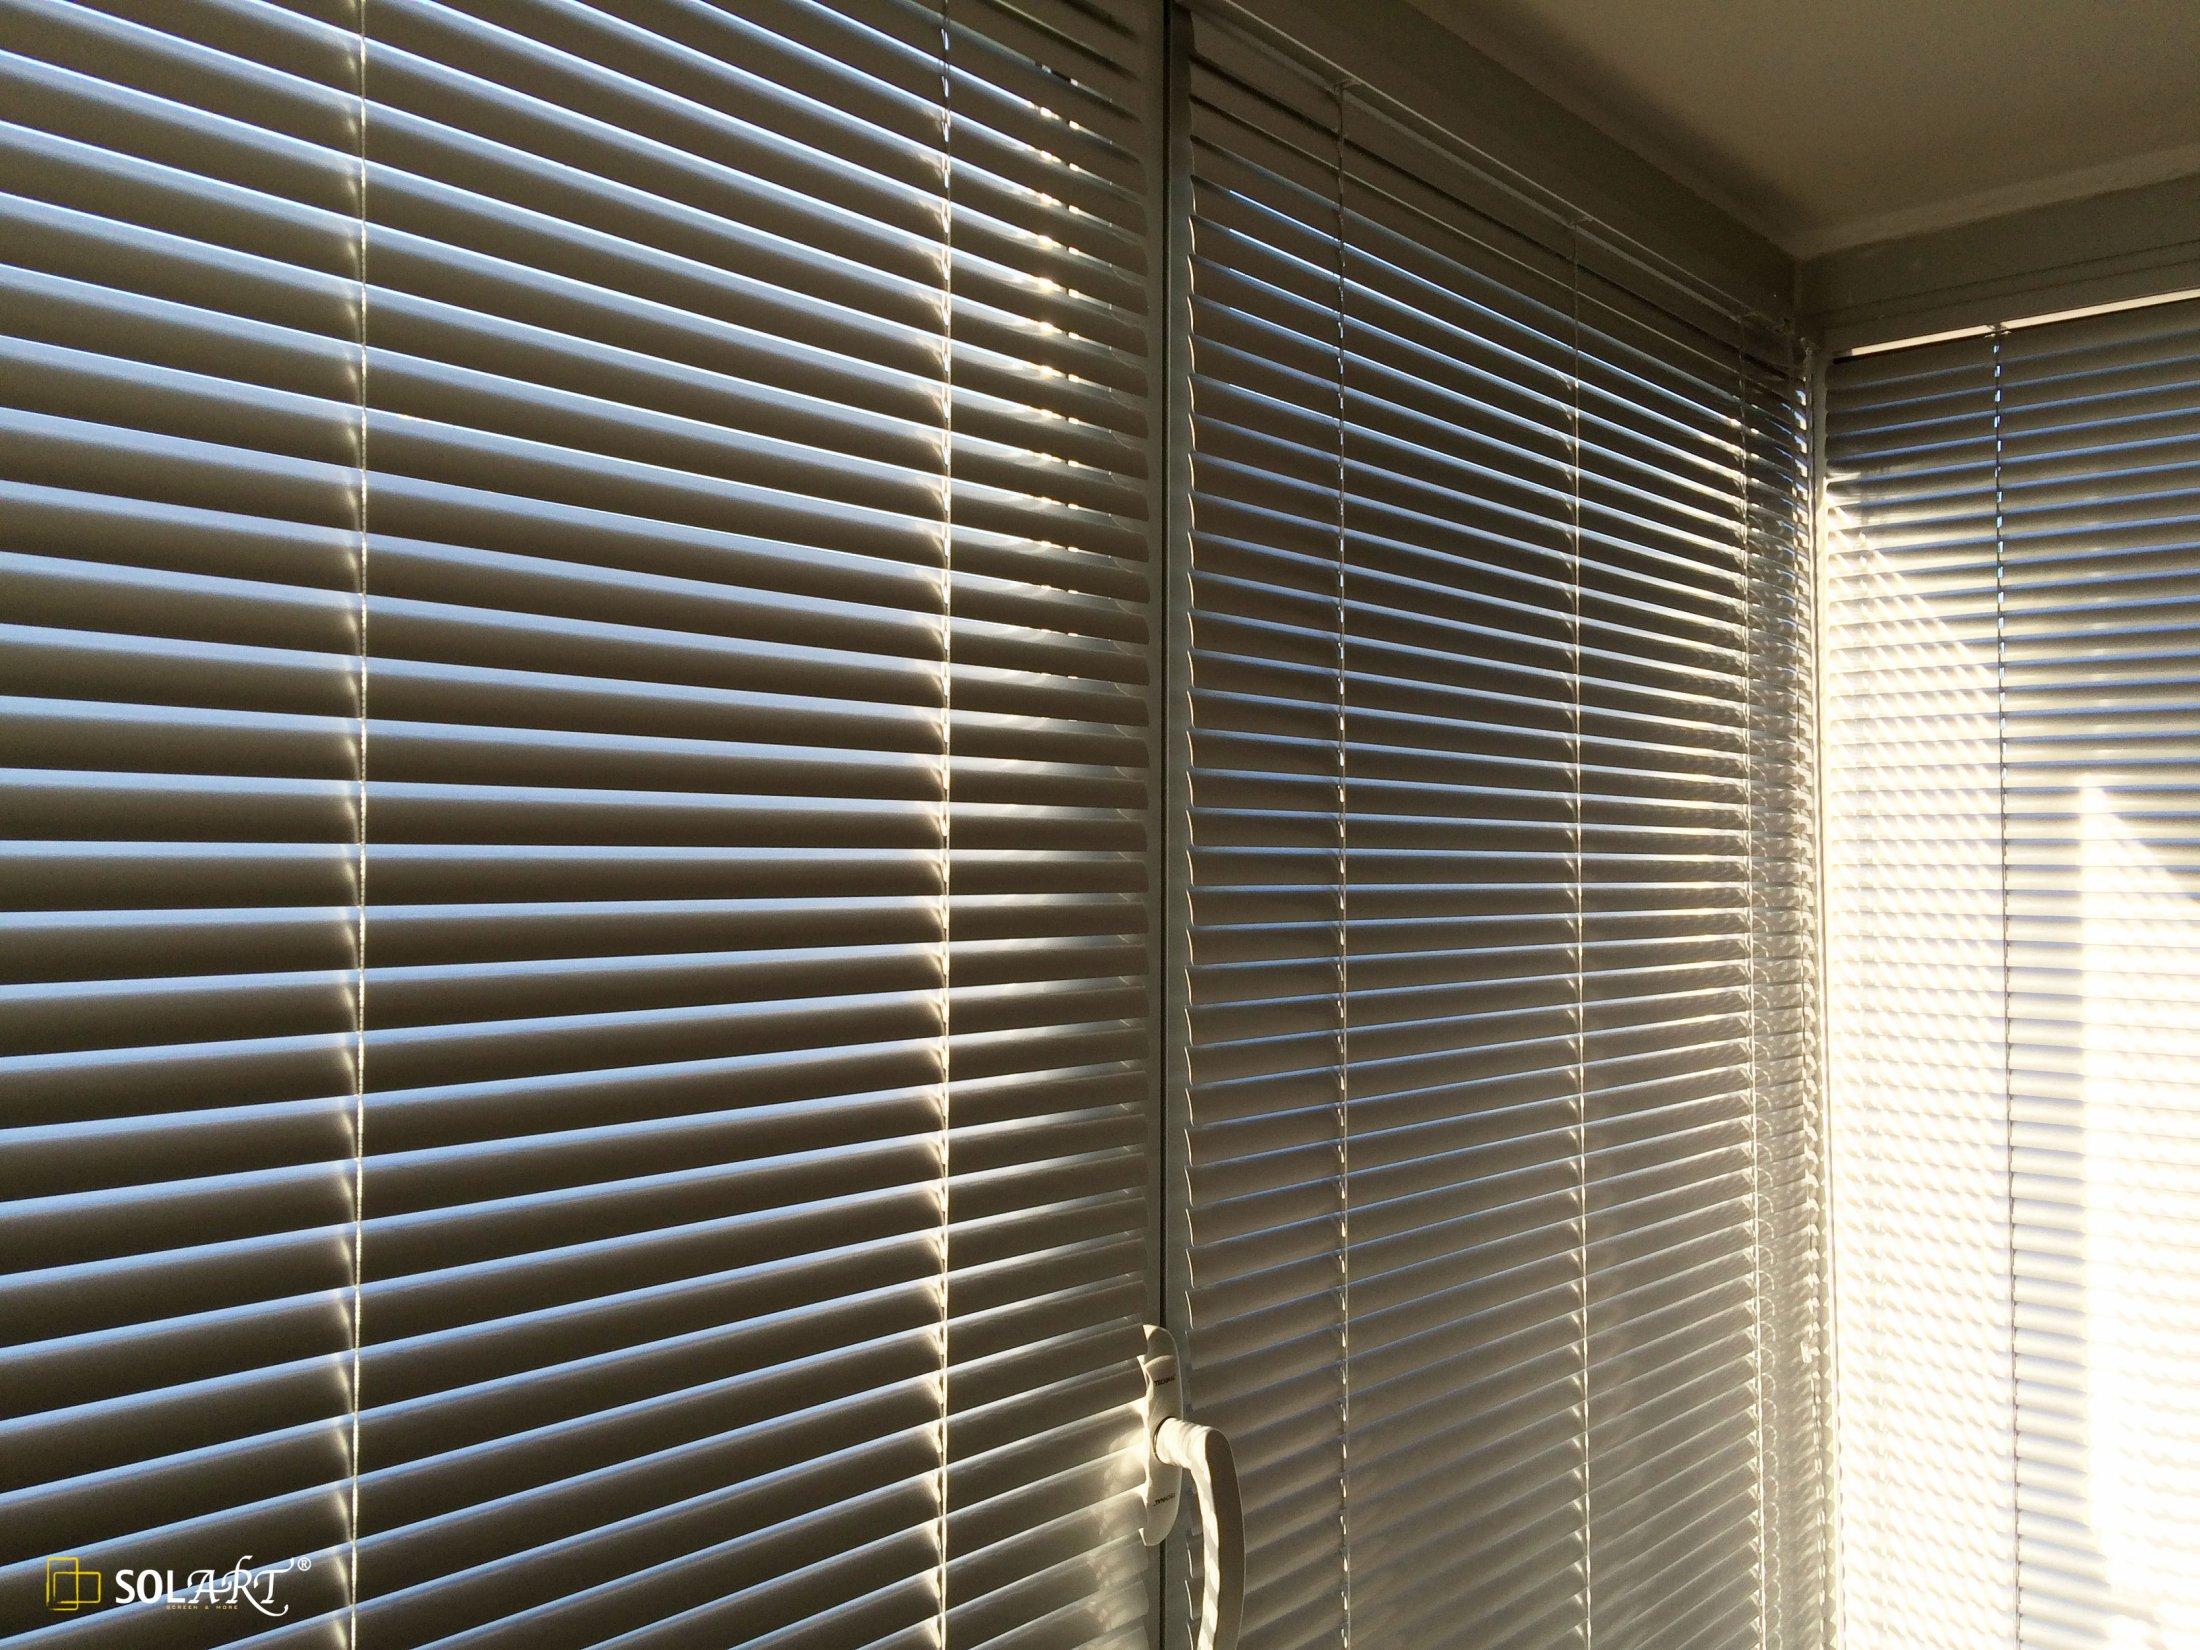 Cortinas venecianas solart 49 solart - Comprar cortinas barcelona ...